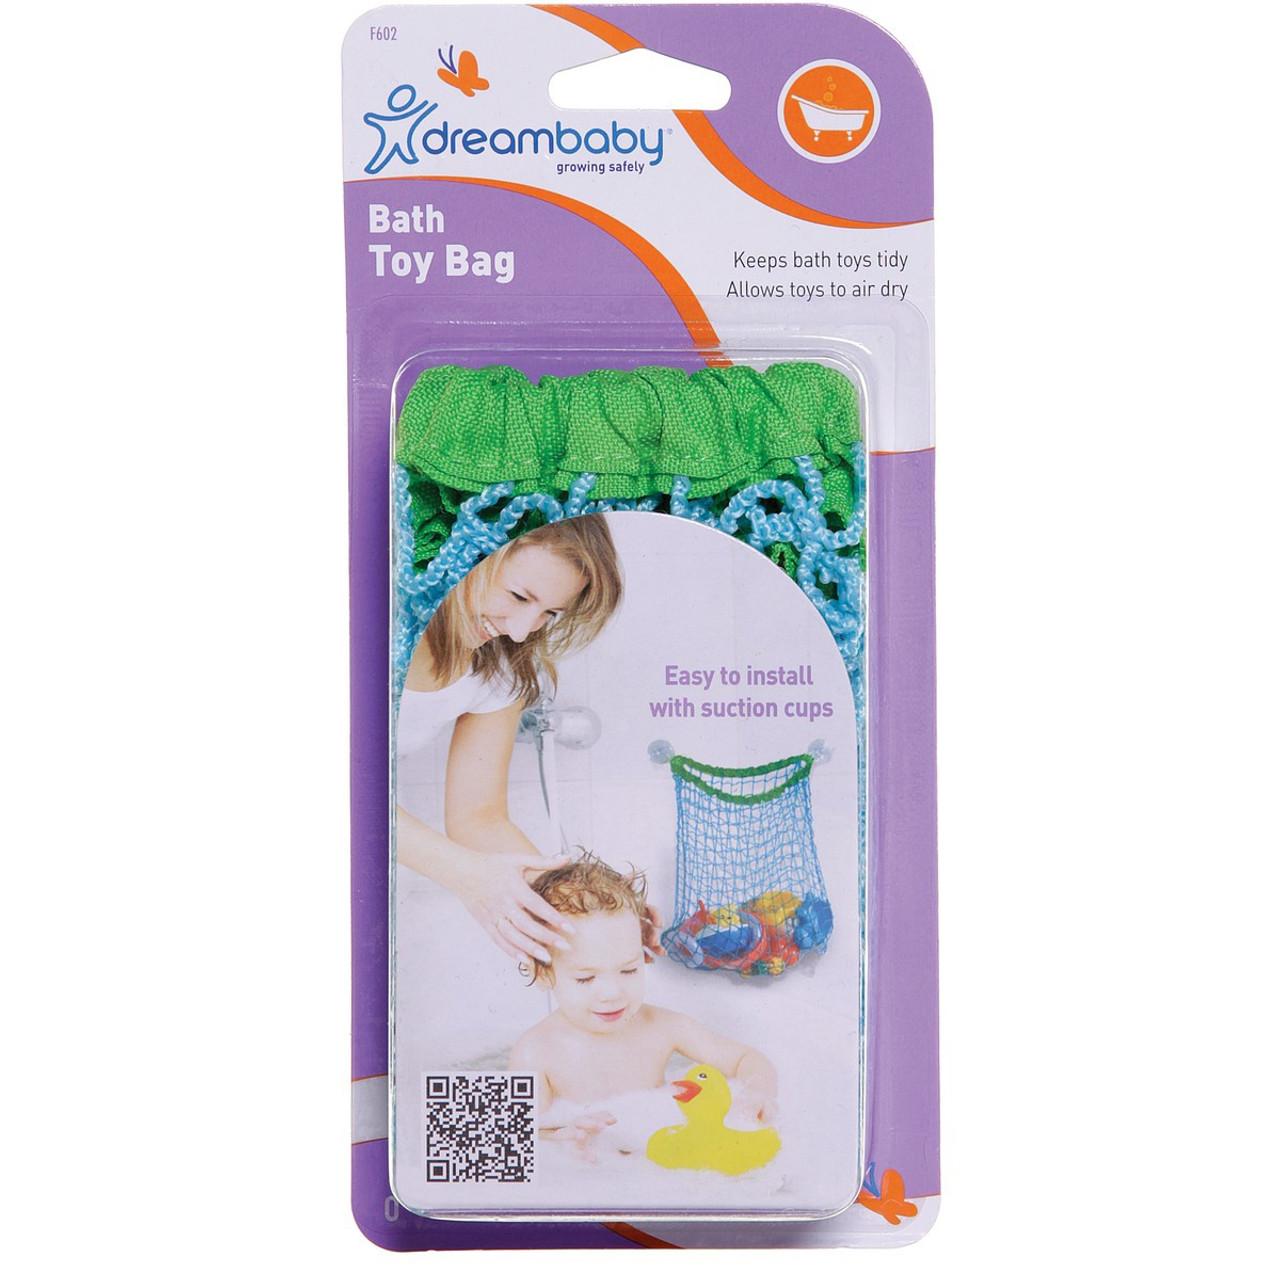 Dreambaby Bath Toy Bag F602